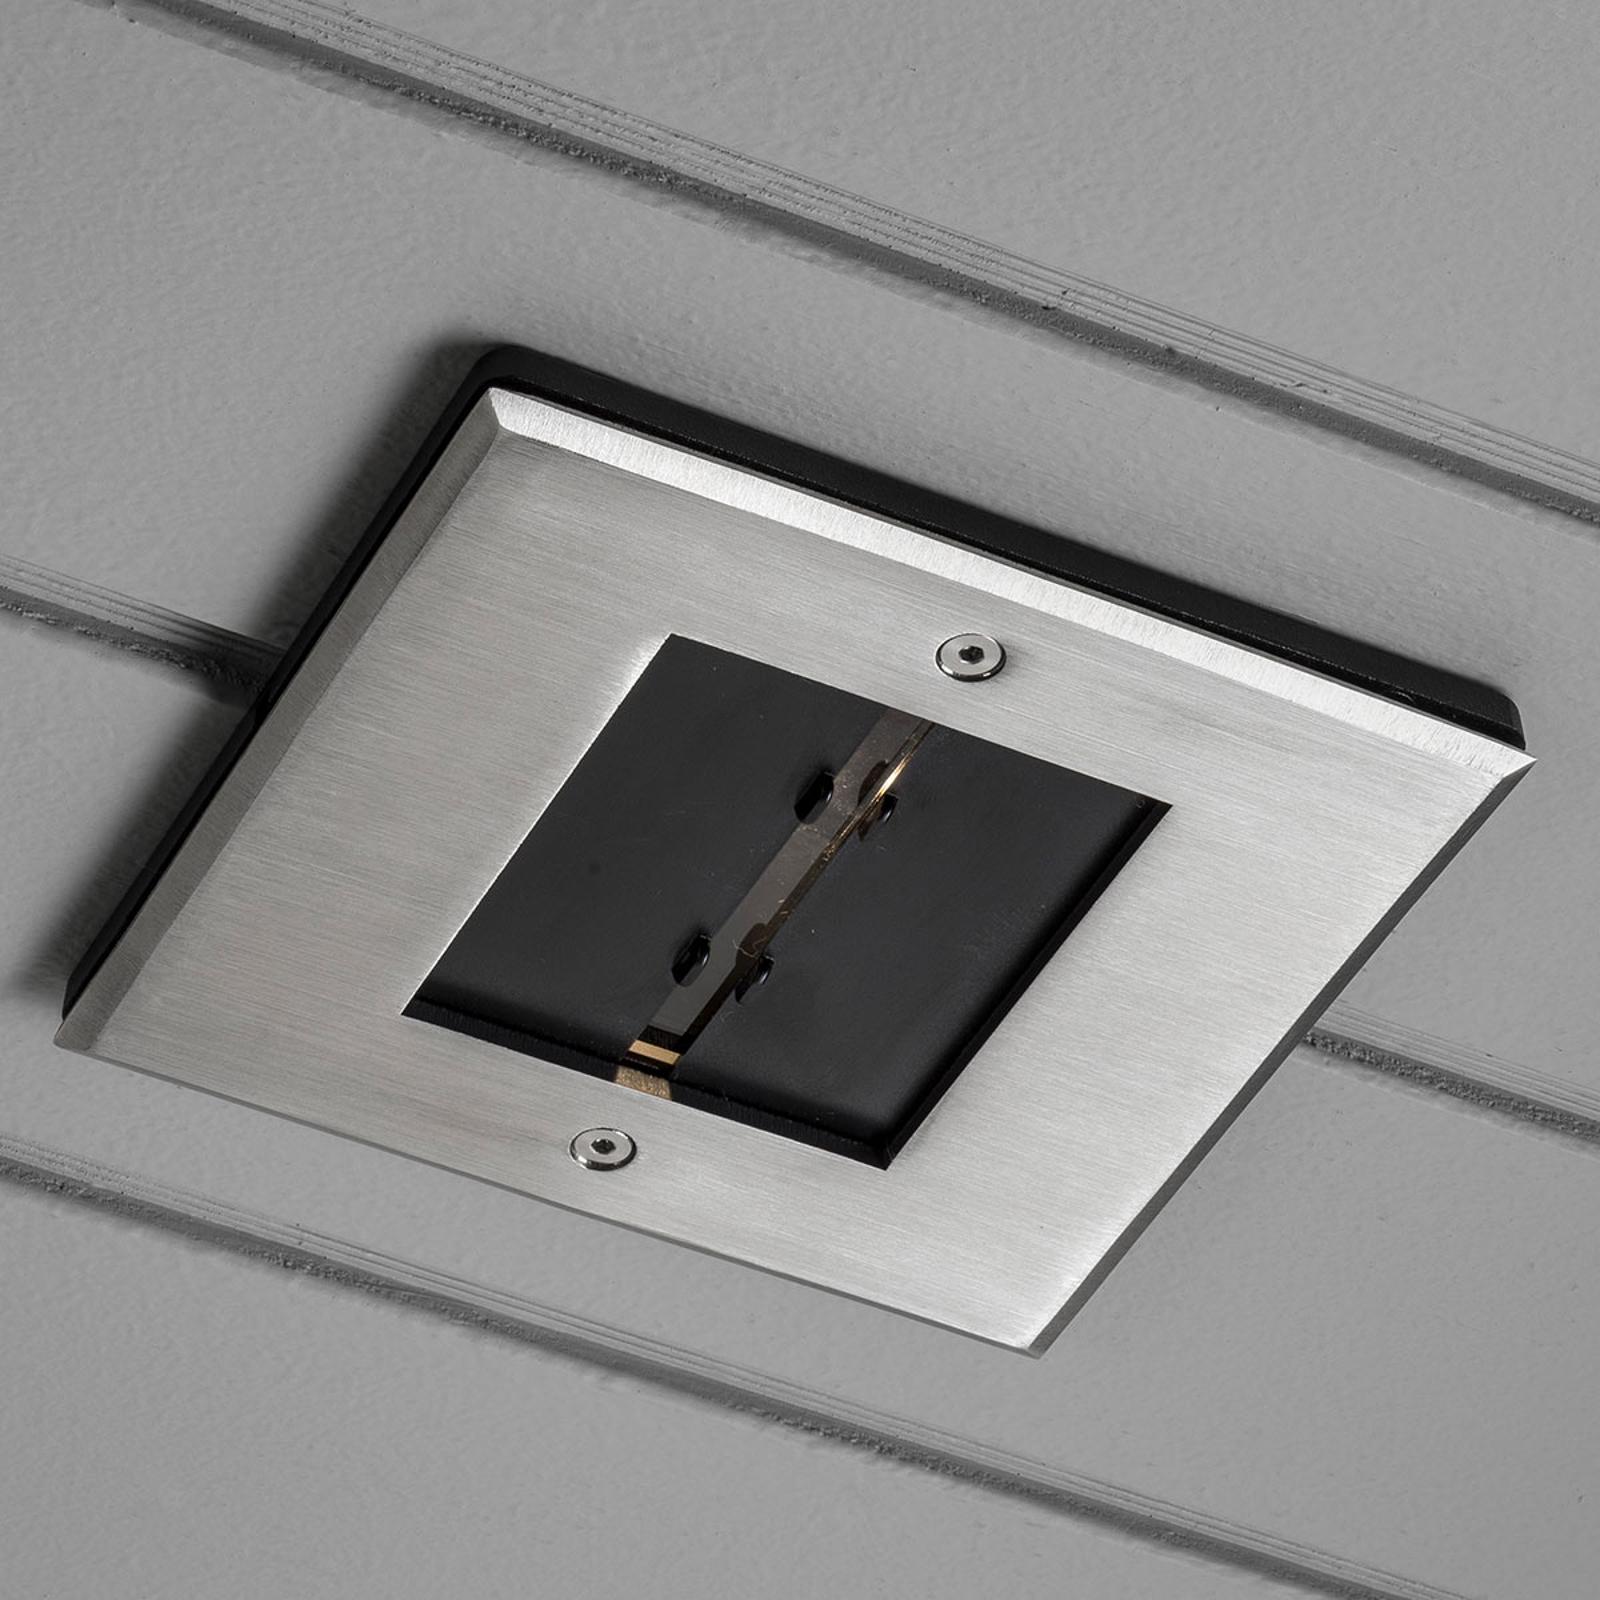 Spot LED Recessed Spot, fabriqué dans l'UE